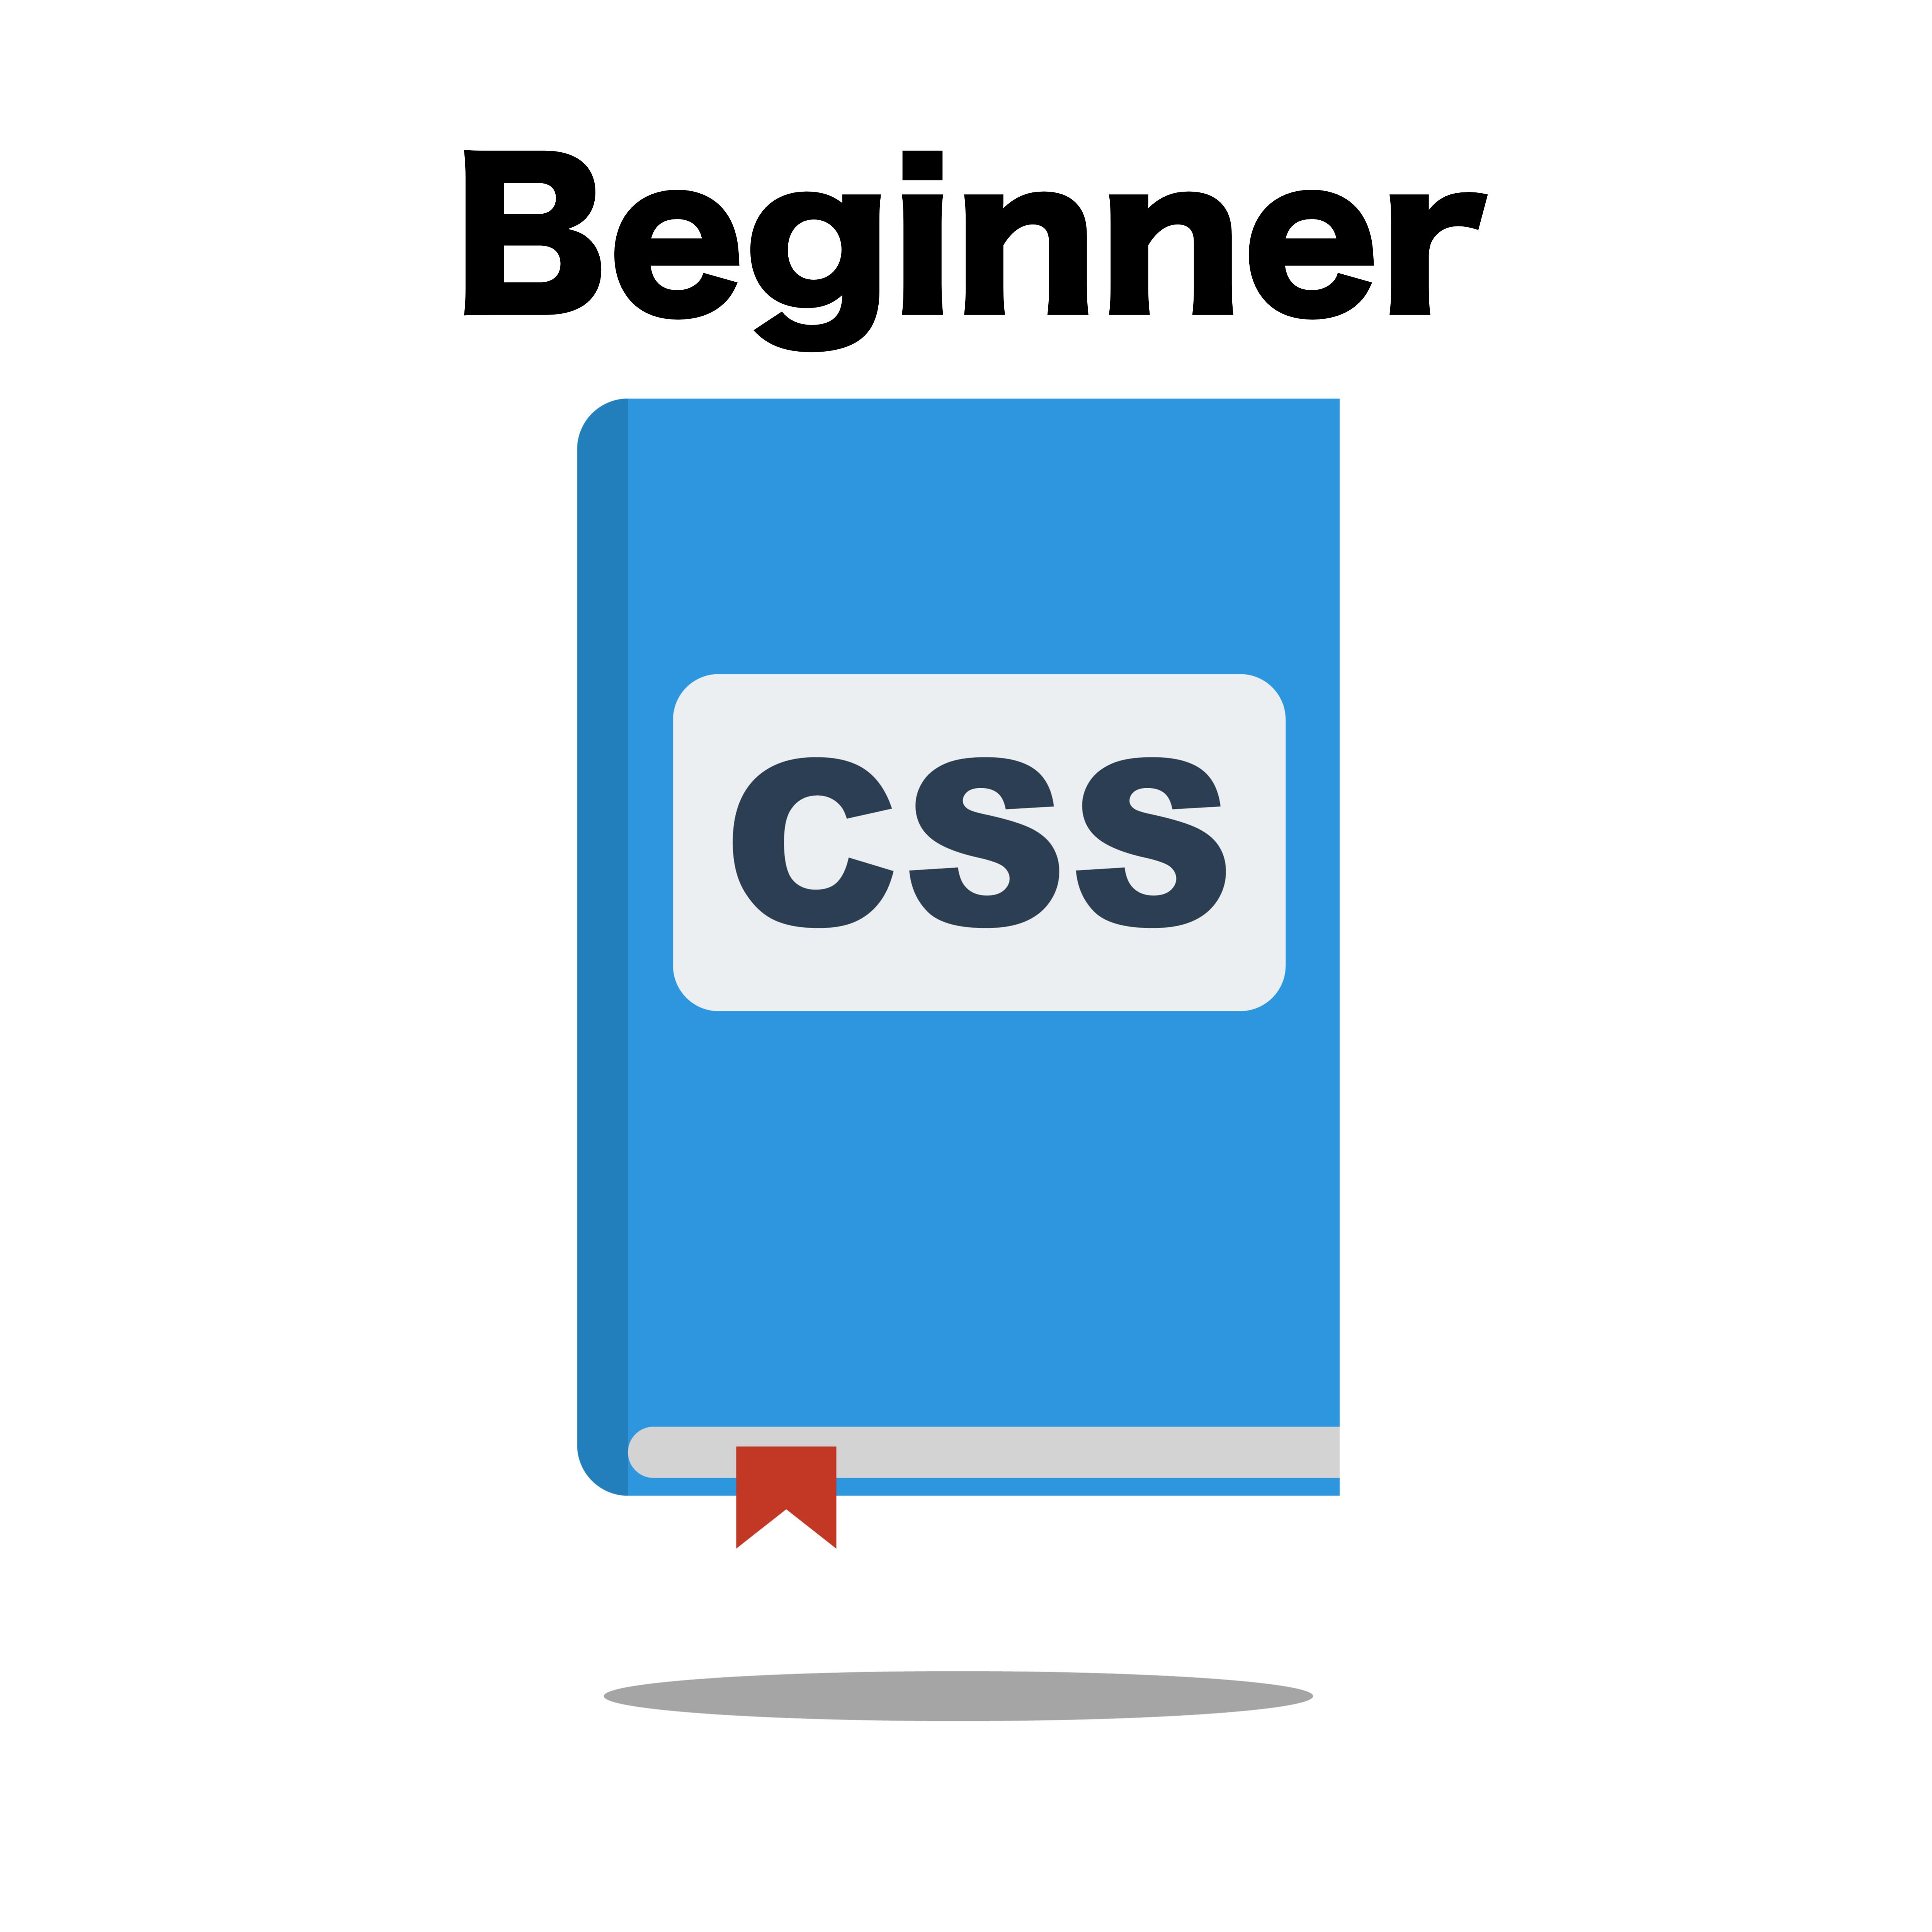 scss・sass徹底入門。使い方や導入方法を説明【CSS】